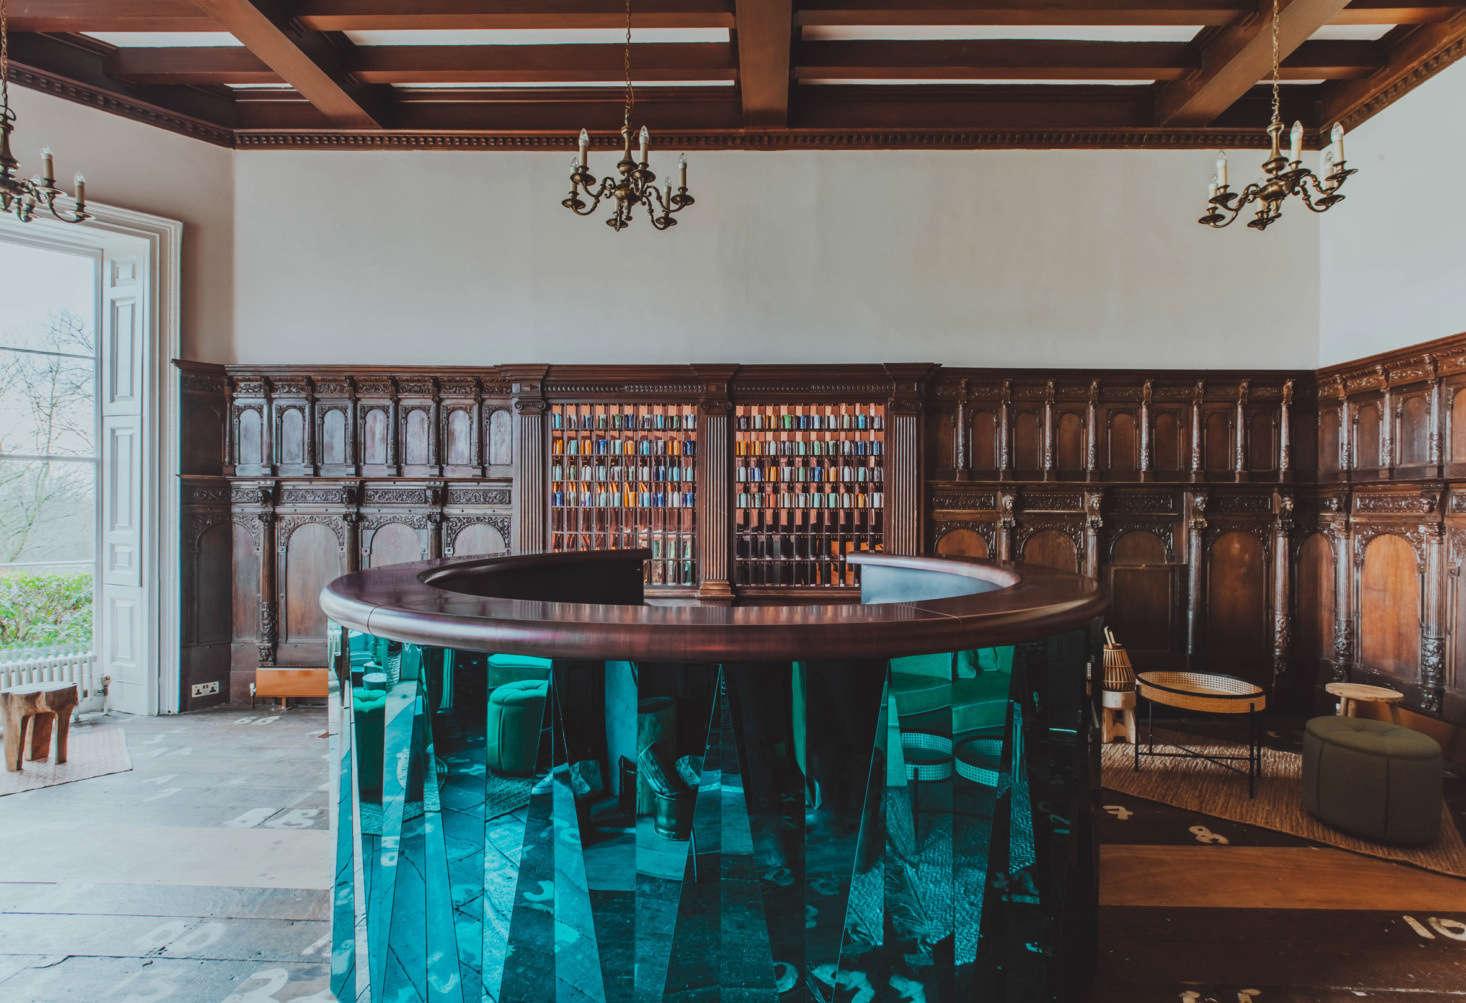 The reception area has a sculptural metal-clad concierge desk.